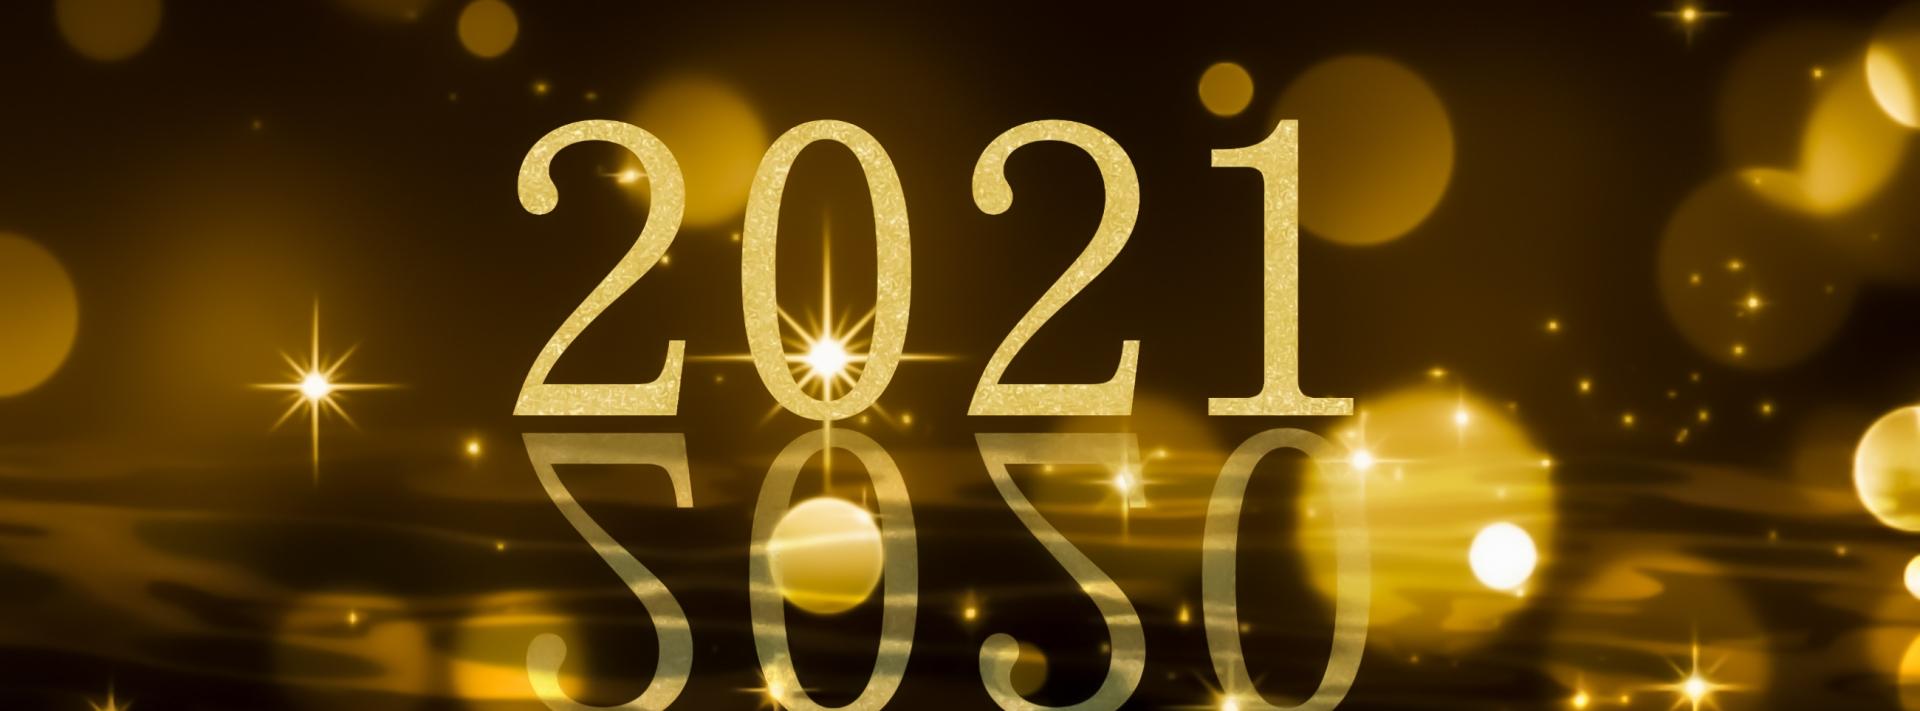 2020年も終わりに近づいているのにバタバタぜよ|職住隣接物語 www.ngsw.net